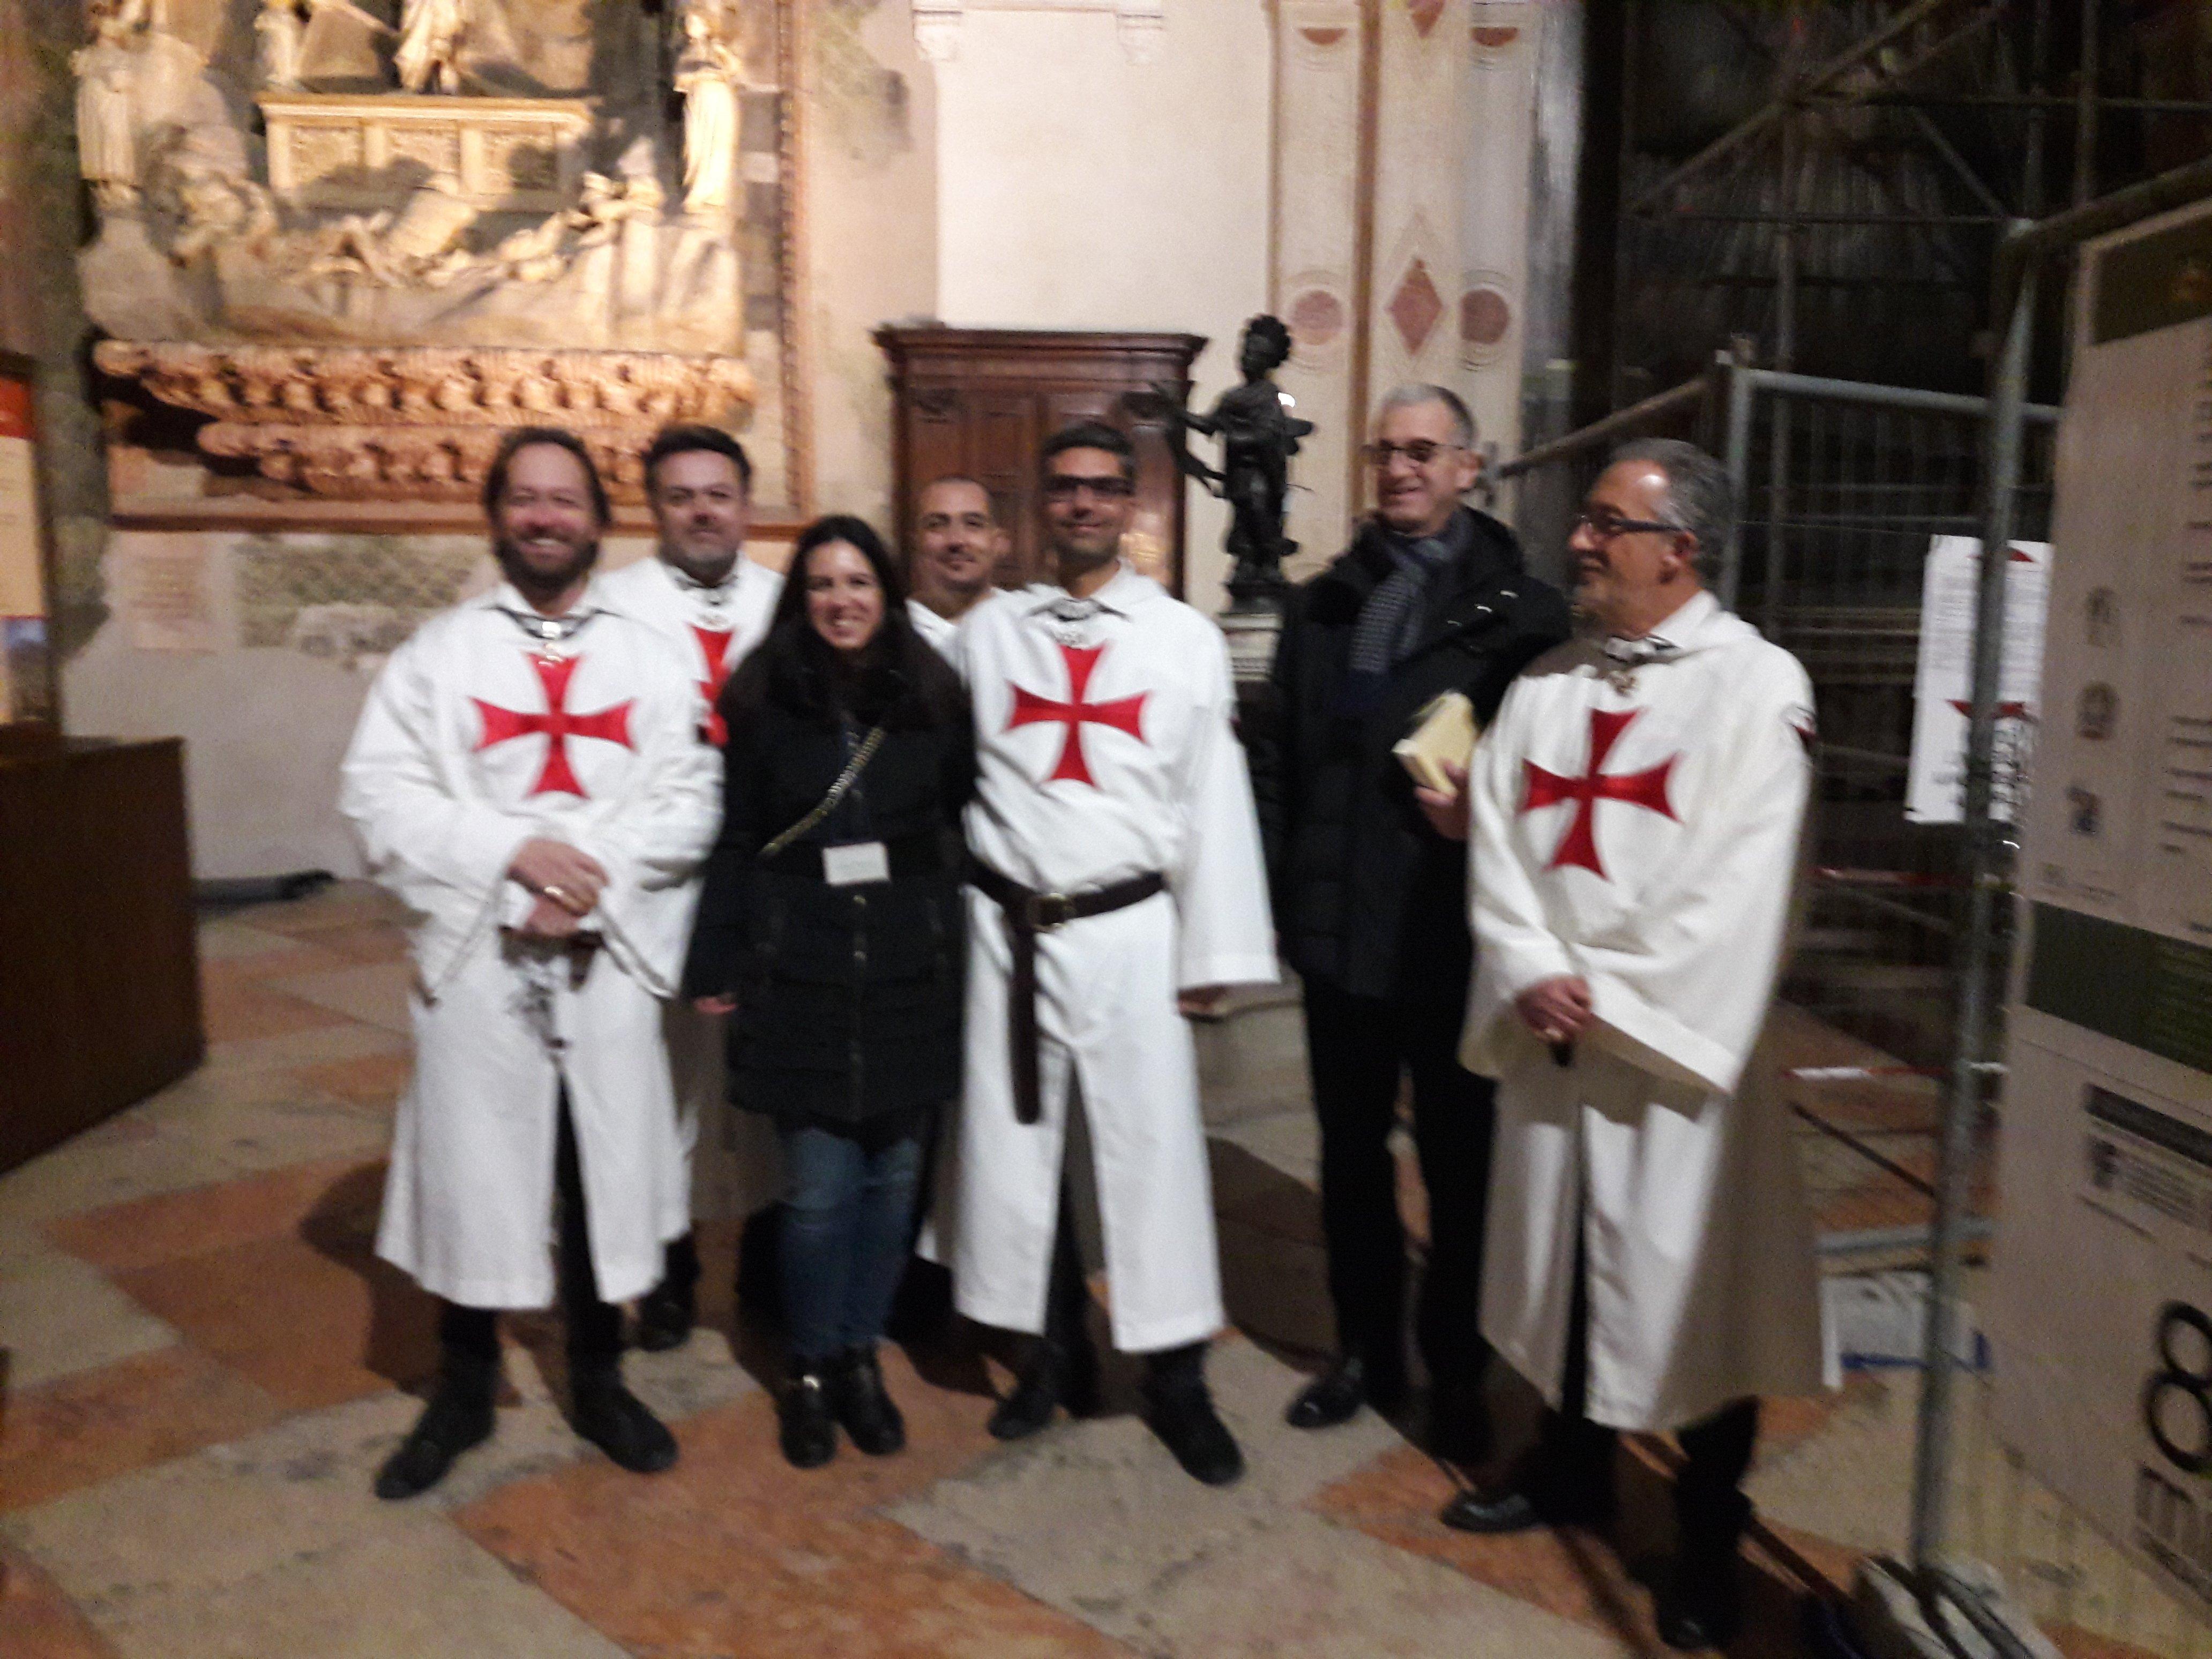 Chiesa di San Fermo - Verona (VR)- Tempari Cattolici d'Italia foto 4